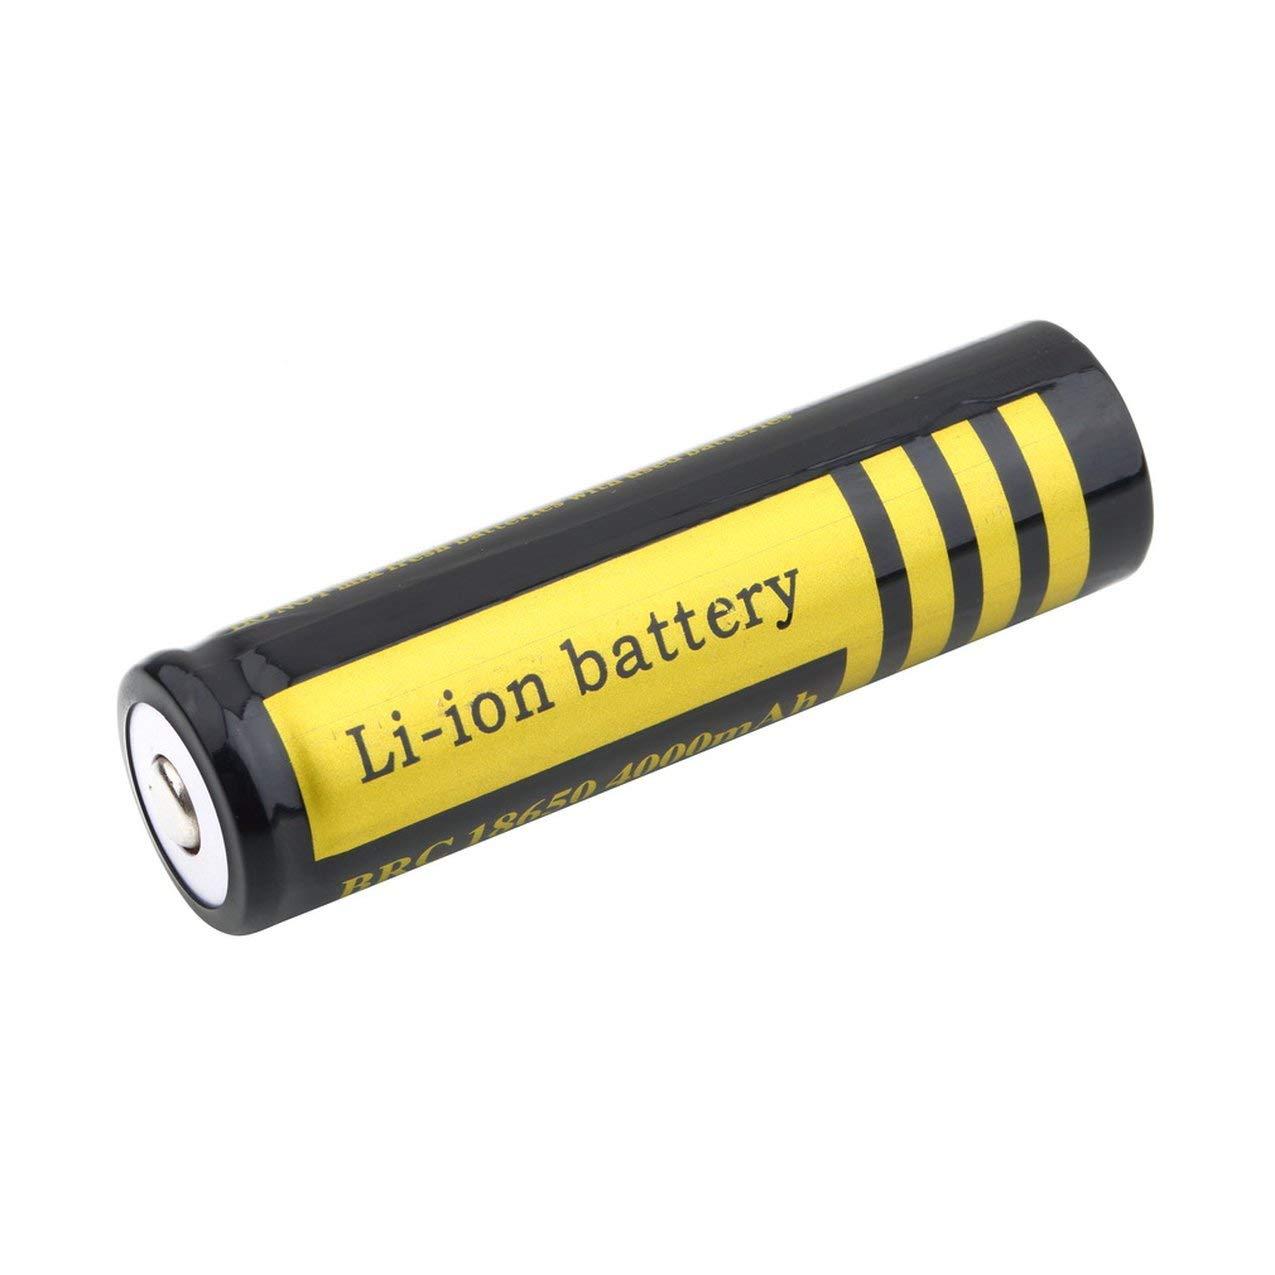 Batterie Rechargeable de Li-ION de 18650 4000mAh, Nouvelle Batterie Rechargeable Originale de Li-ION Rechargeable de 18650 4000mAh 3.7V Originale Redstrong